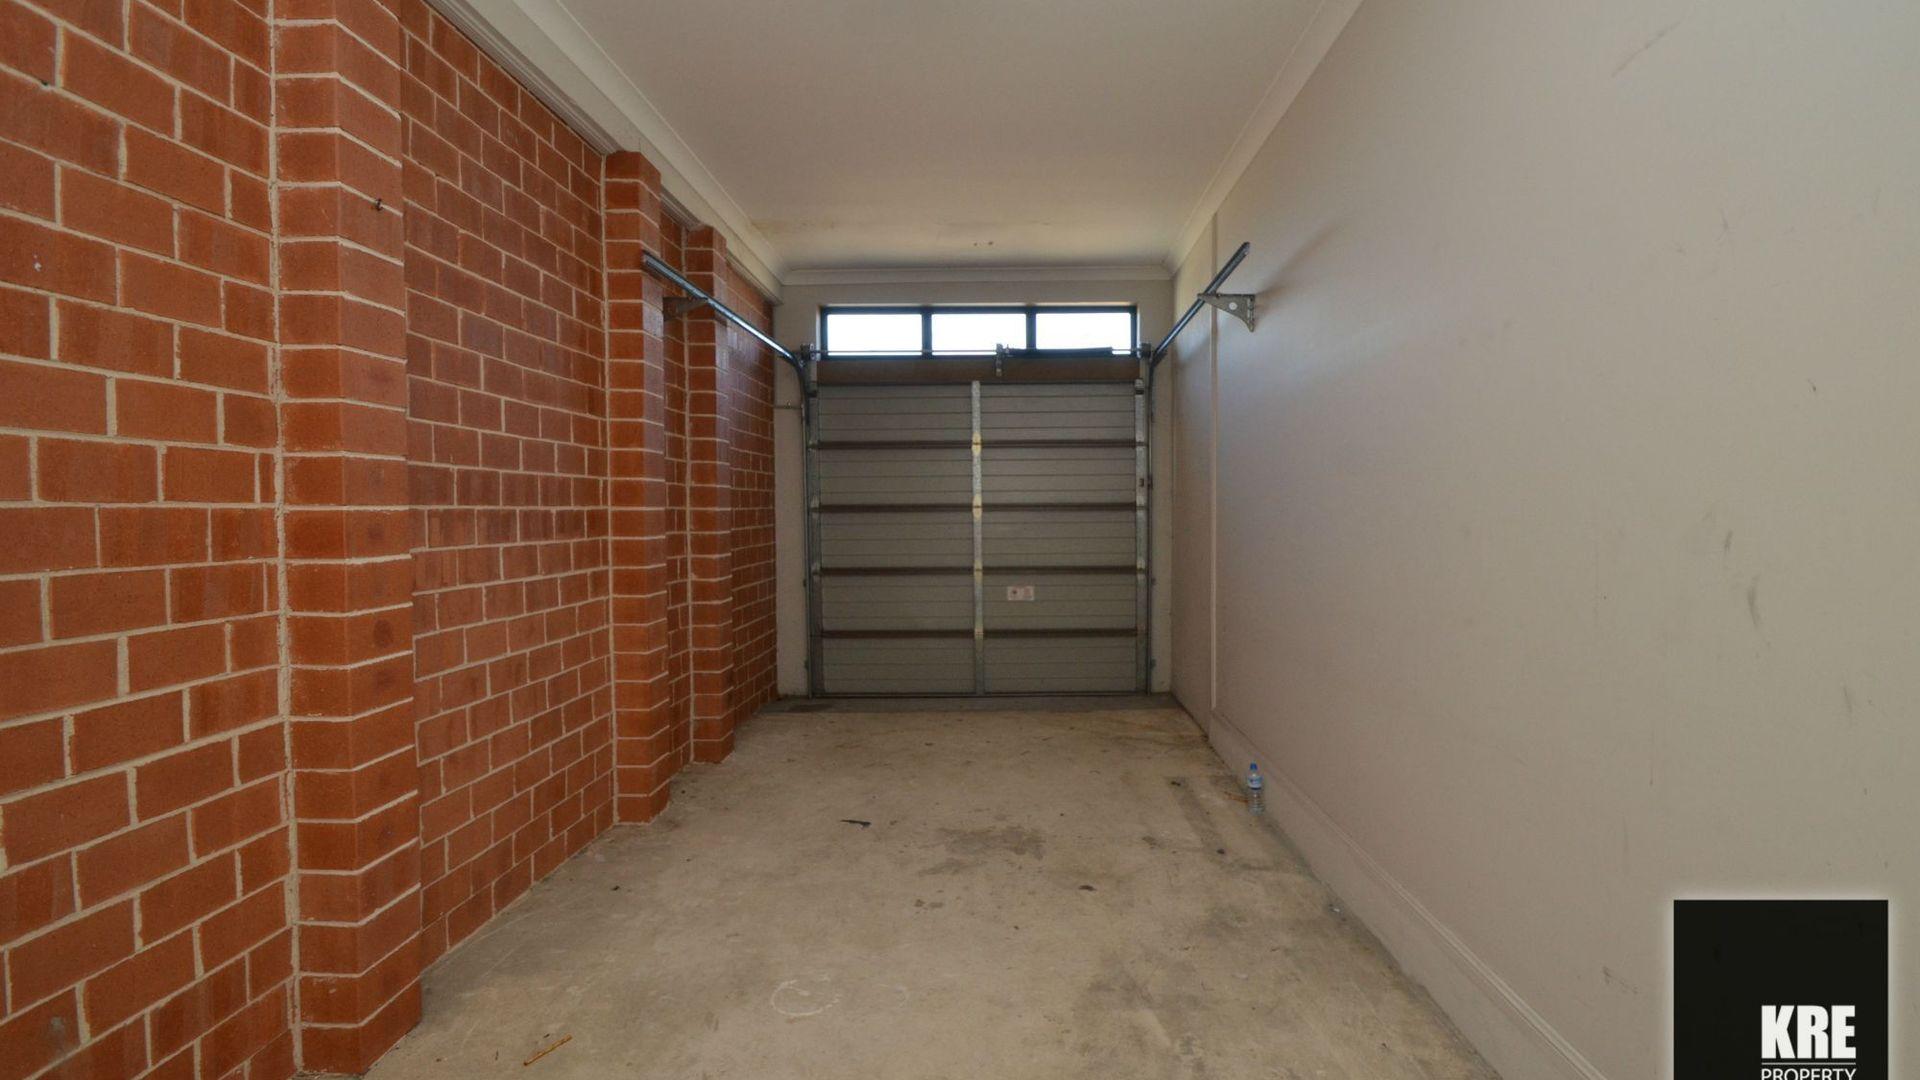 Wentworthville NSW 2145, Image 15